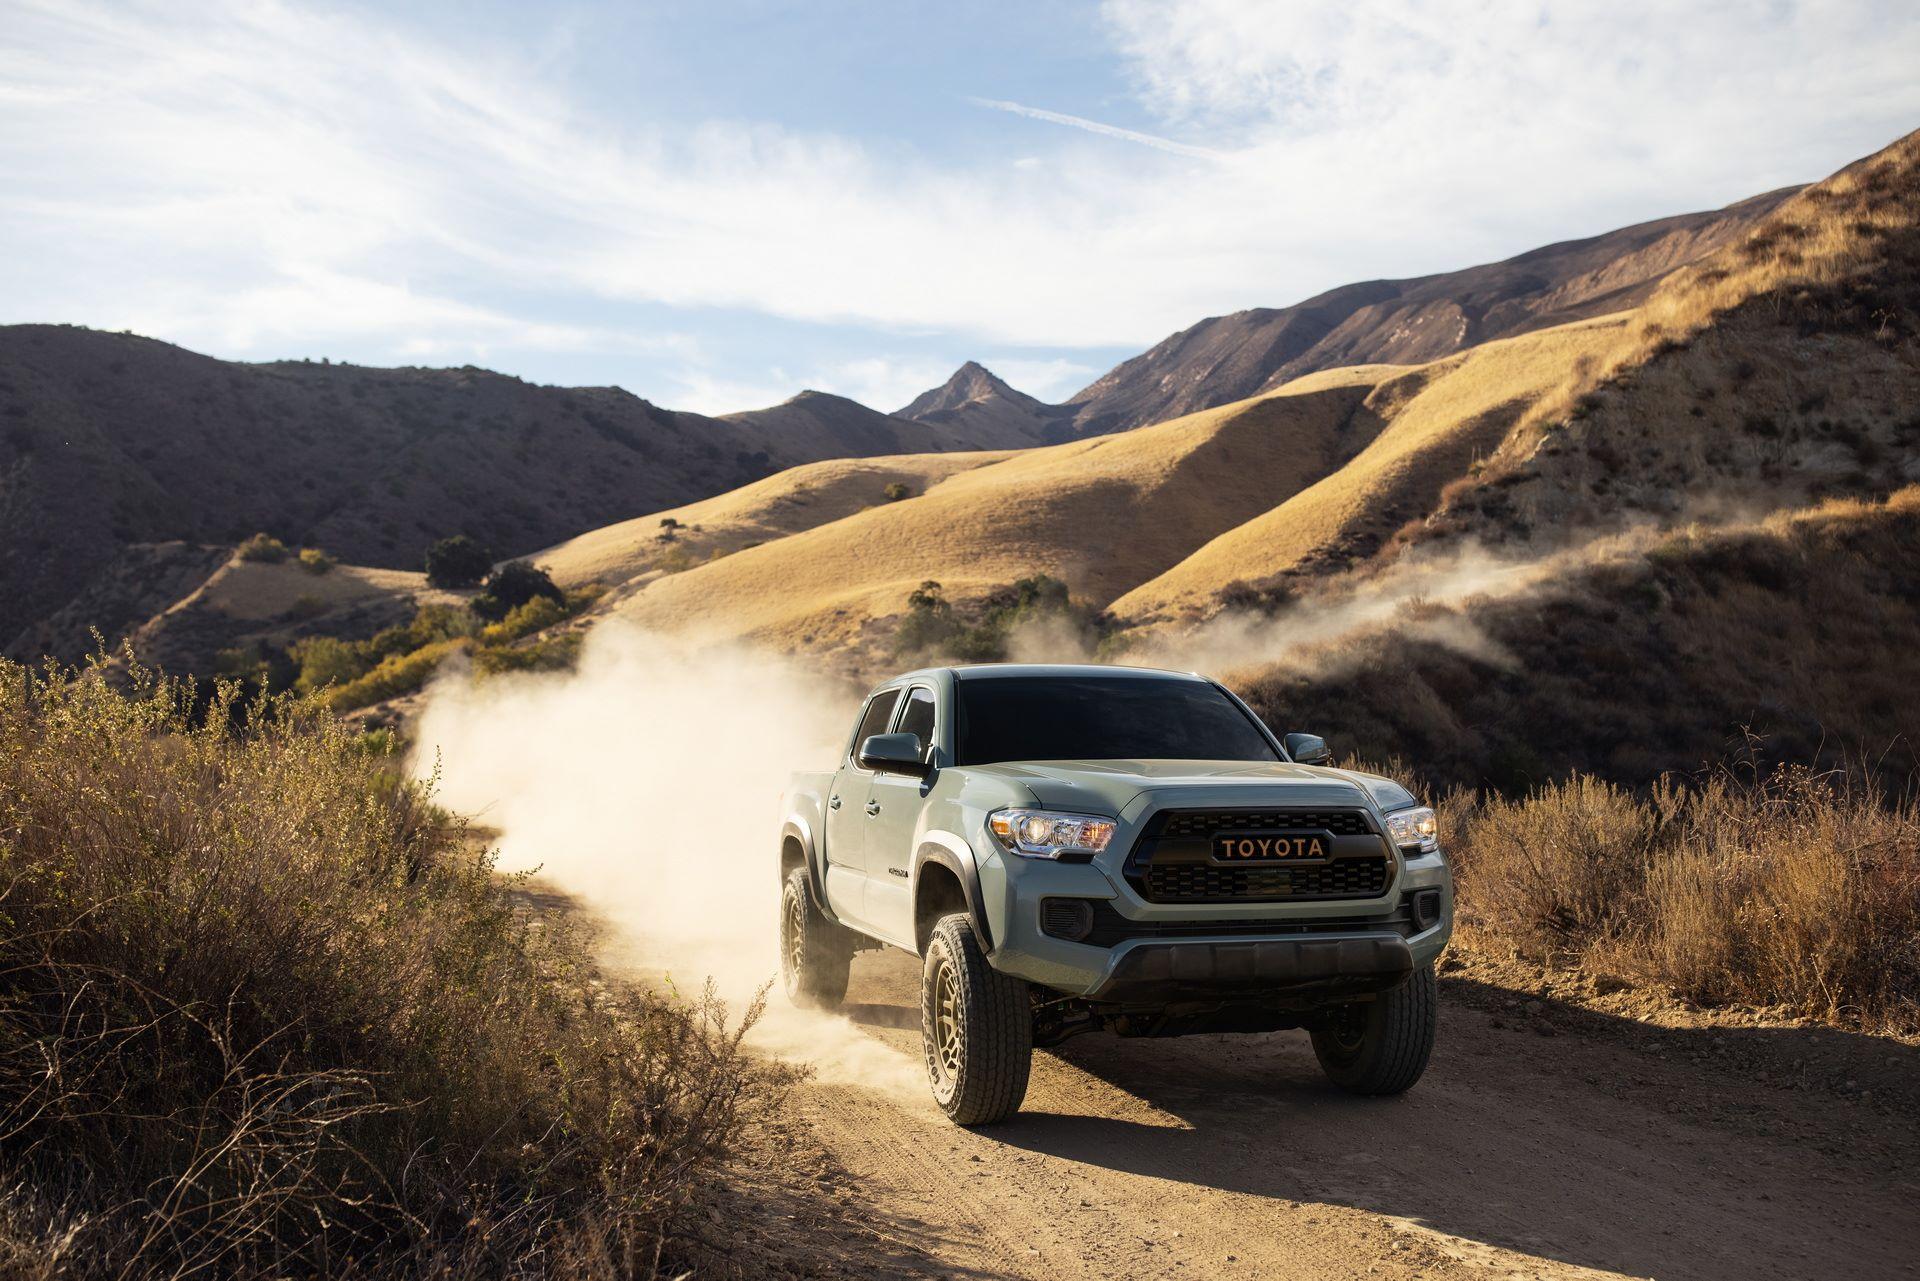 Toyota-Tacoma-TRD-Pro-and-Tacoma-Trail-Edition-2